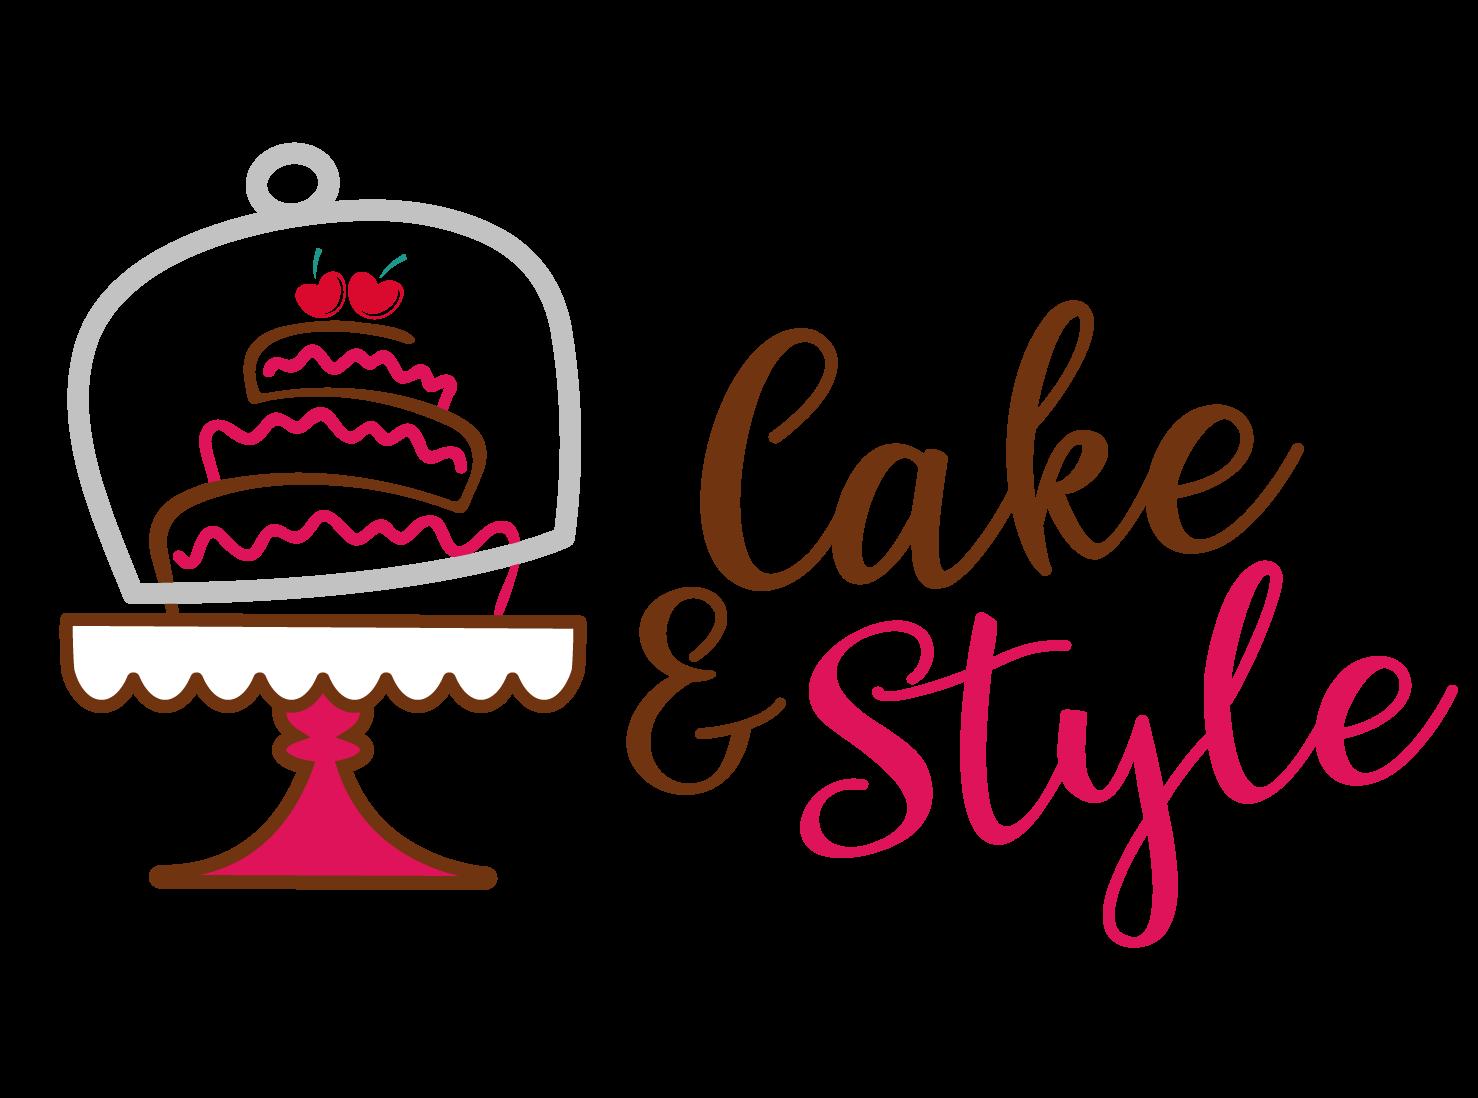 Cake&Style